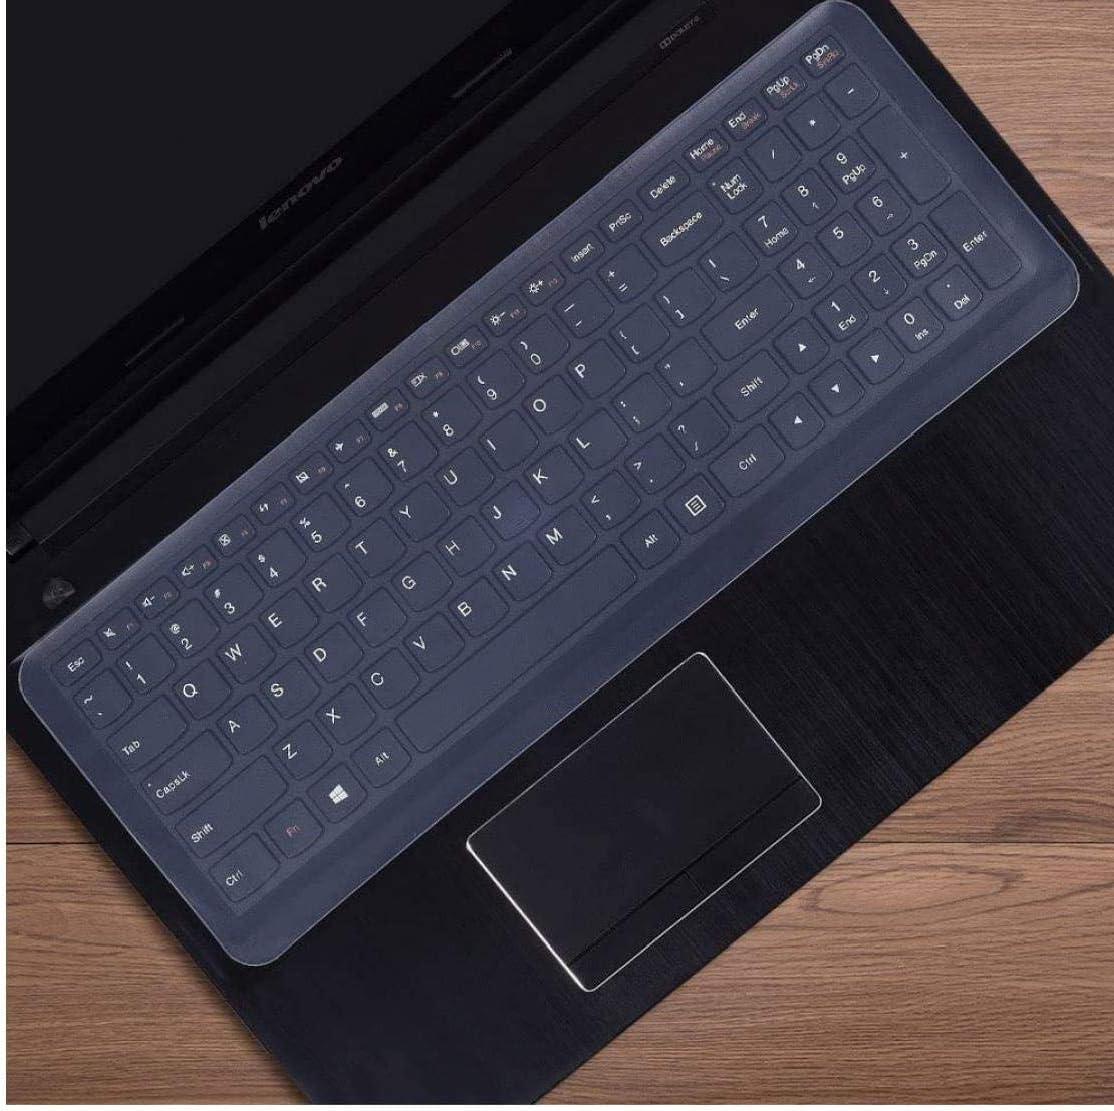 Protector de teclado Teclado universal escudo pel/ícula transparente de silicona durable del protector del teclado Film acomodar un port/átil Lenovo Dell